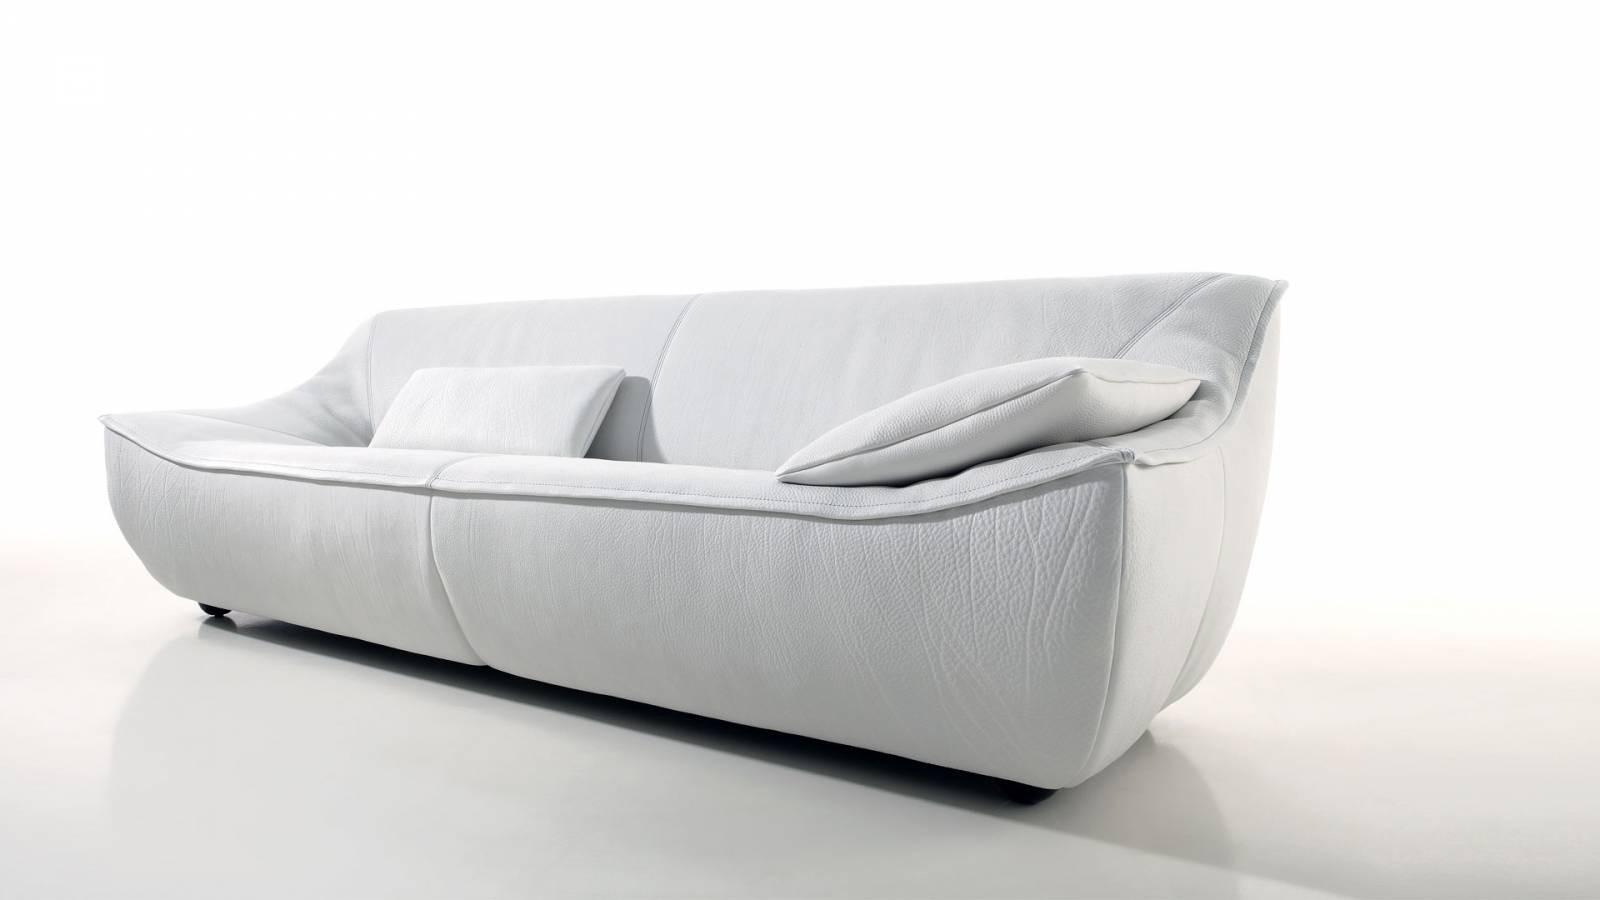 Canapea modernă Koinor Naomo